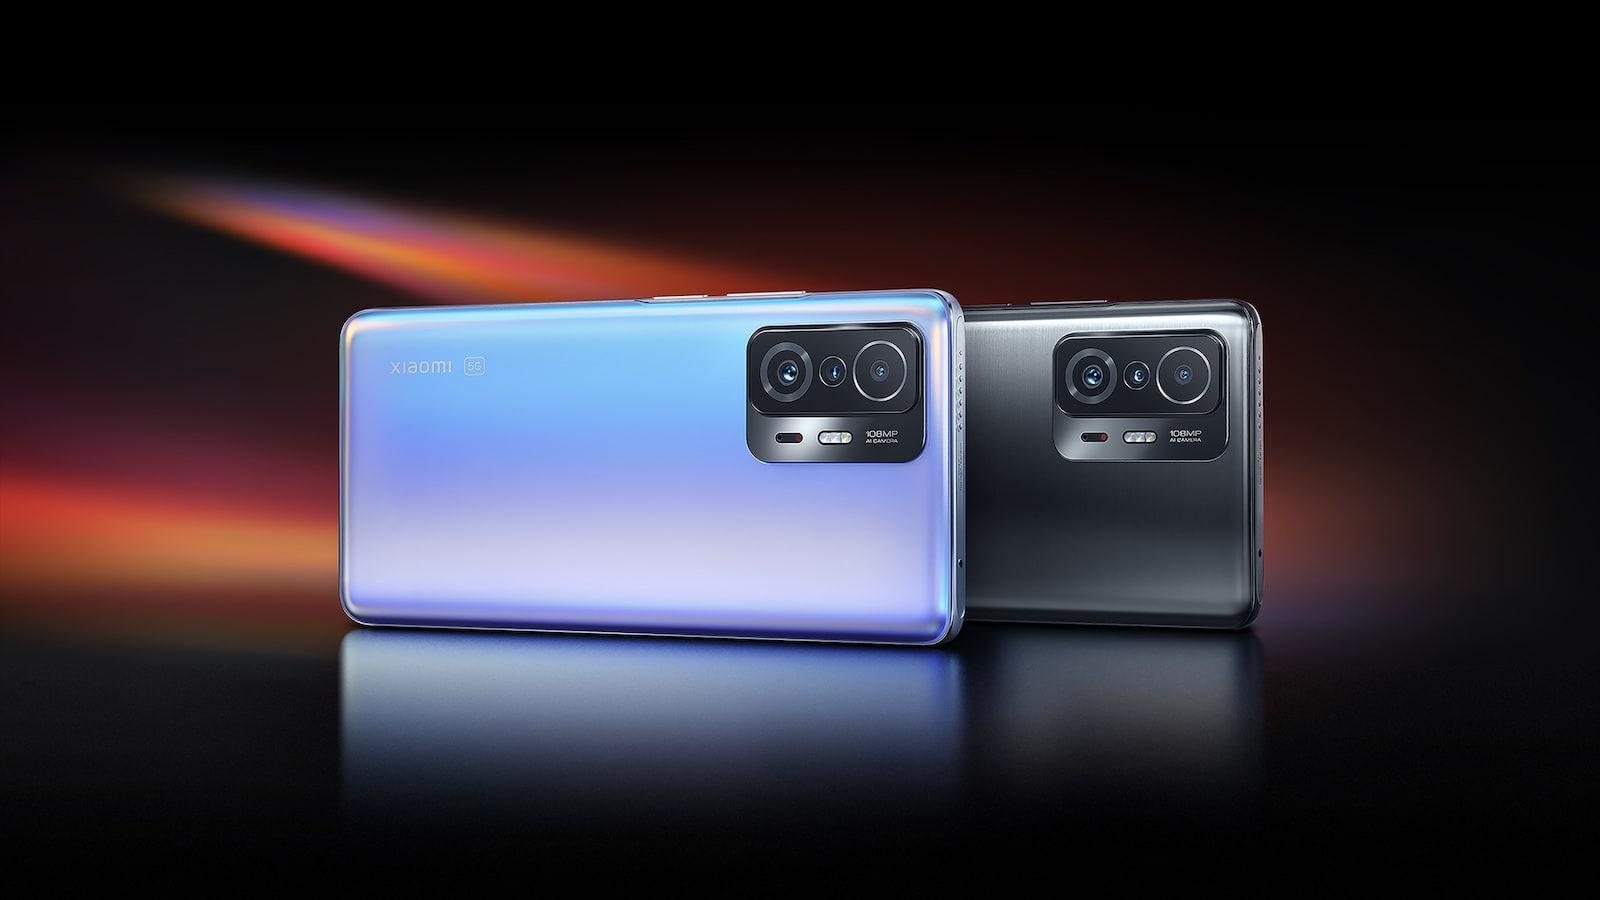 Xiaomi-11T-Pro-stylish-smartphone-01.jpeg